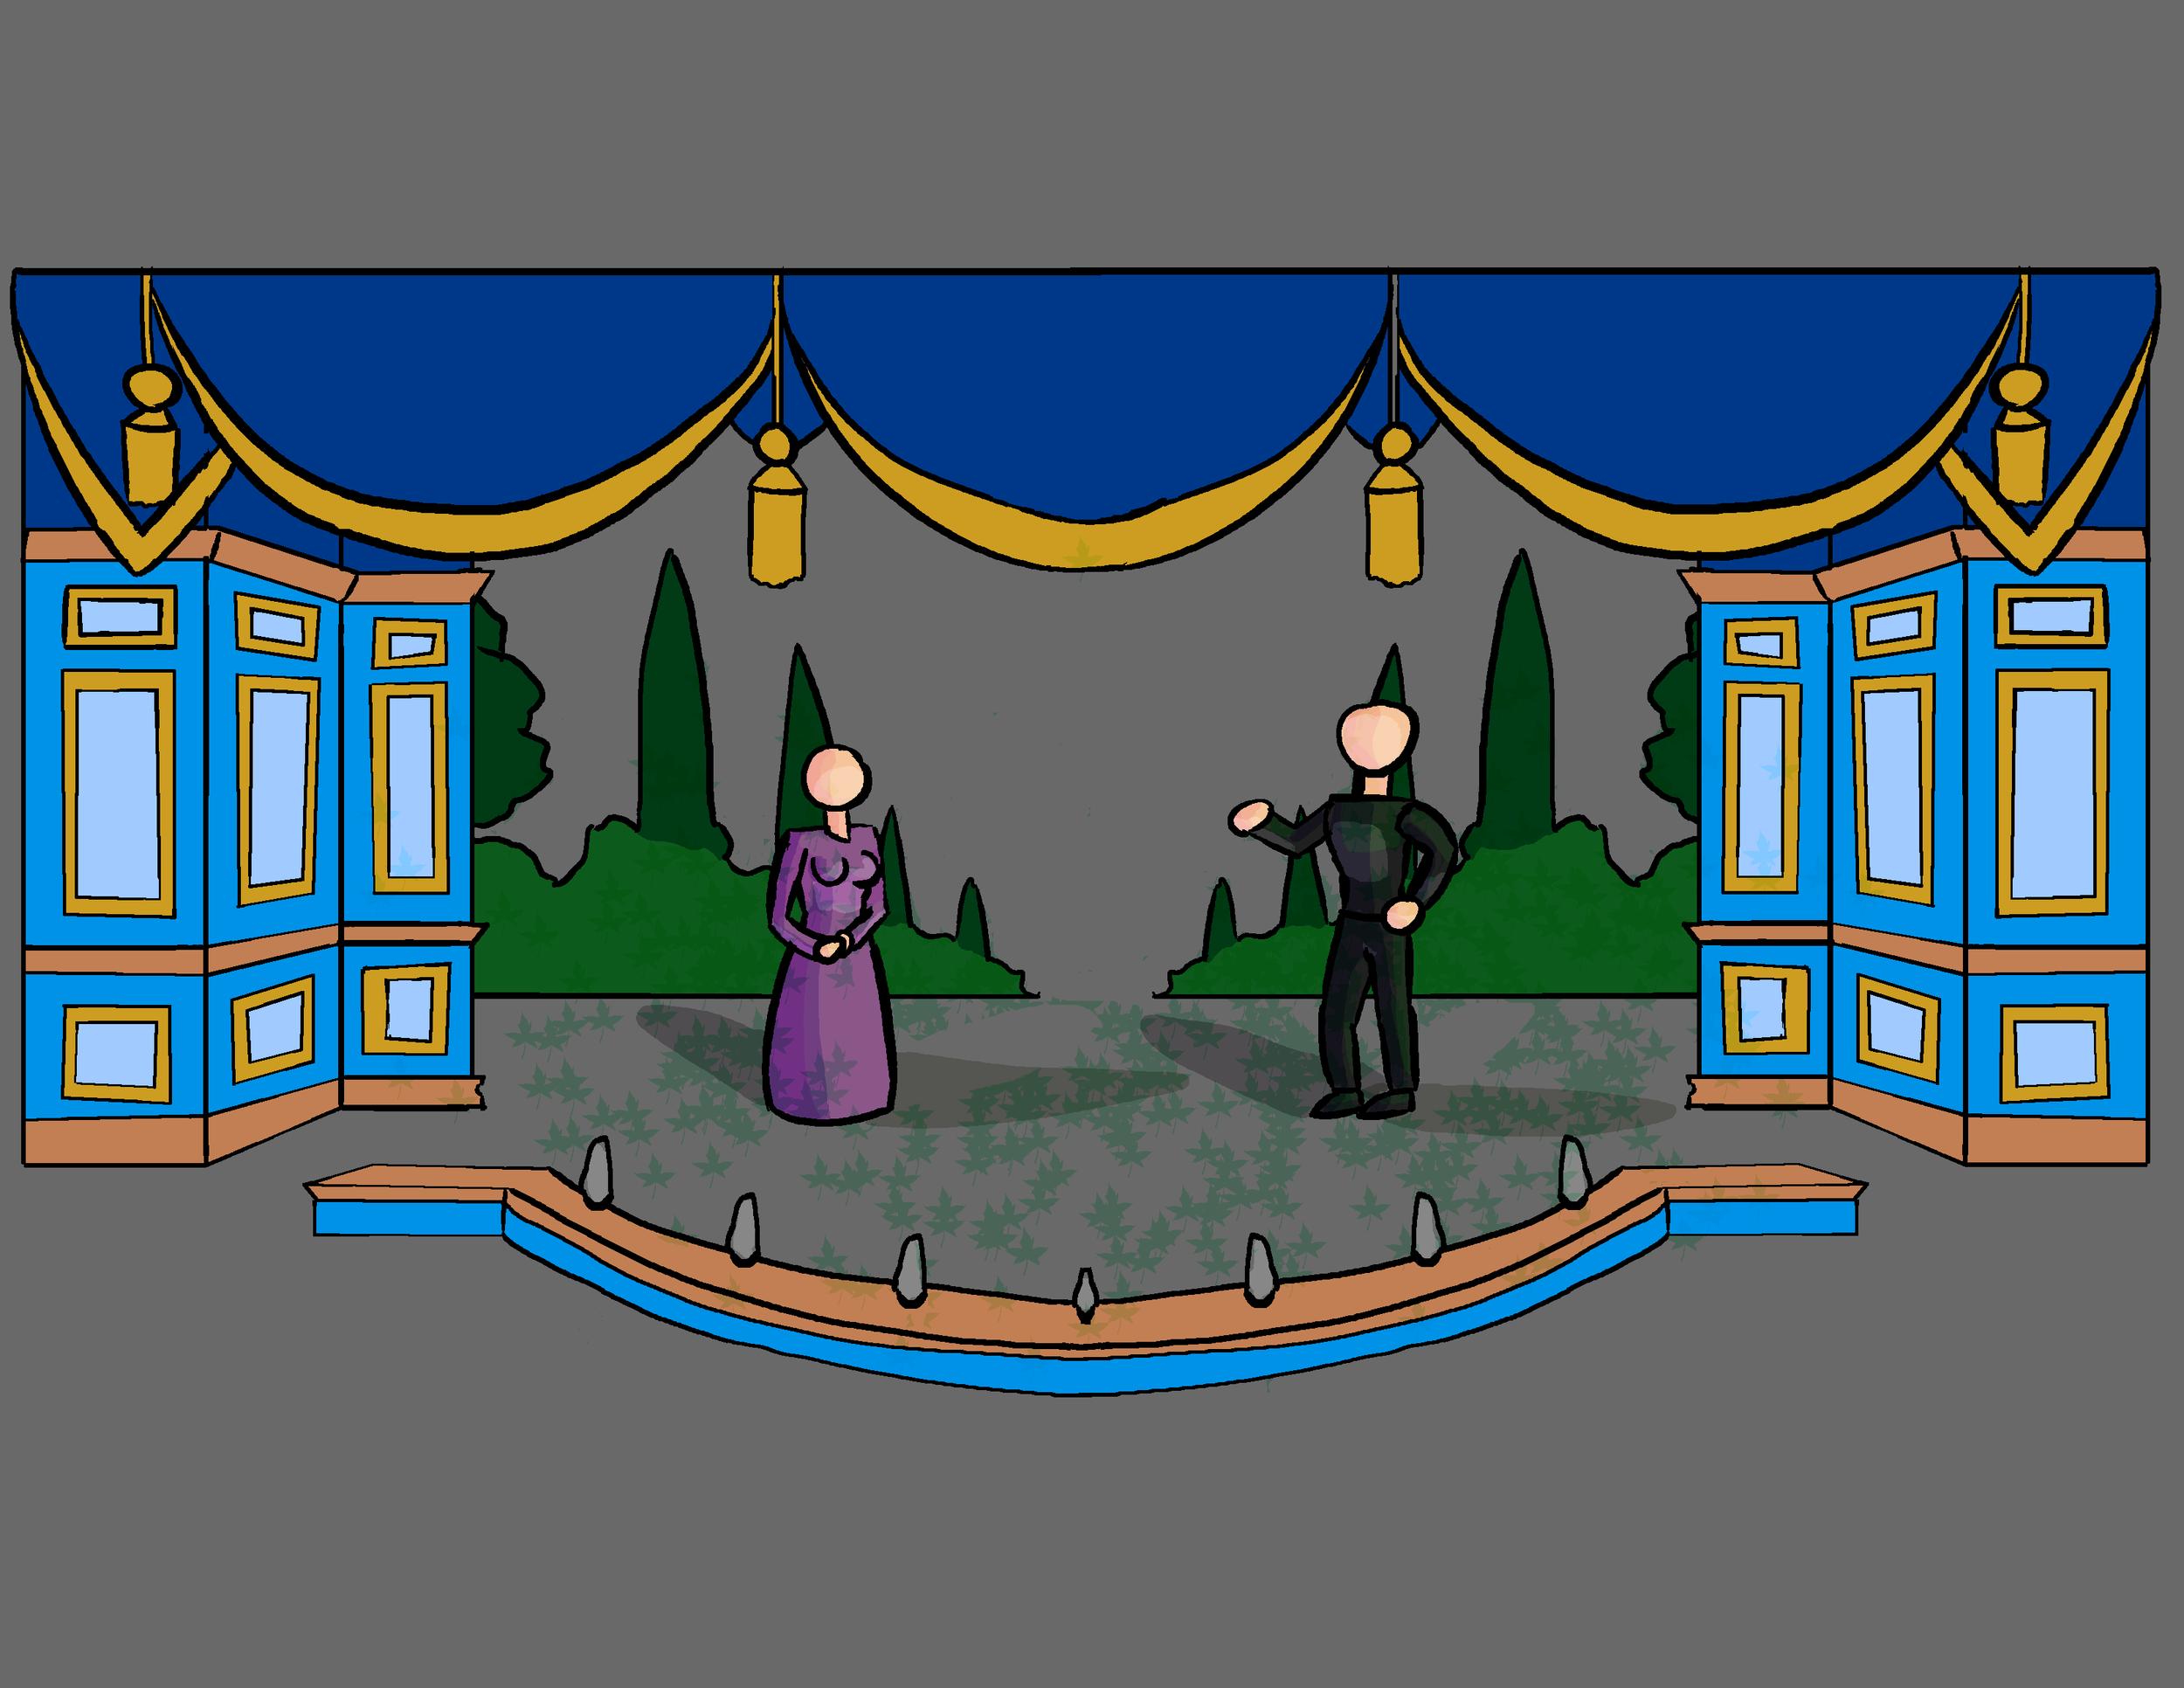 Act II Storyboard